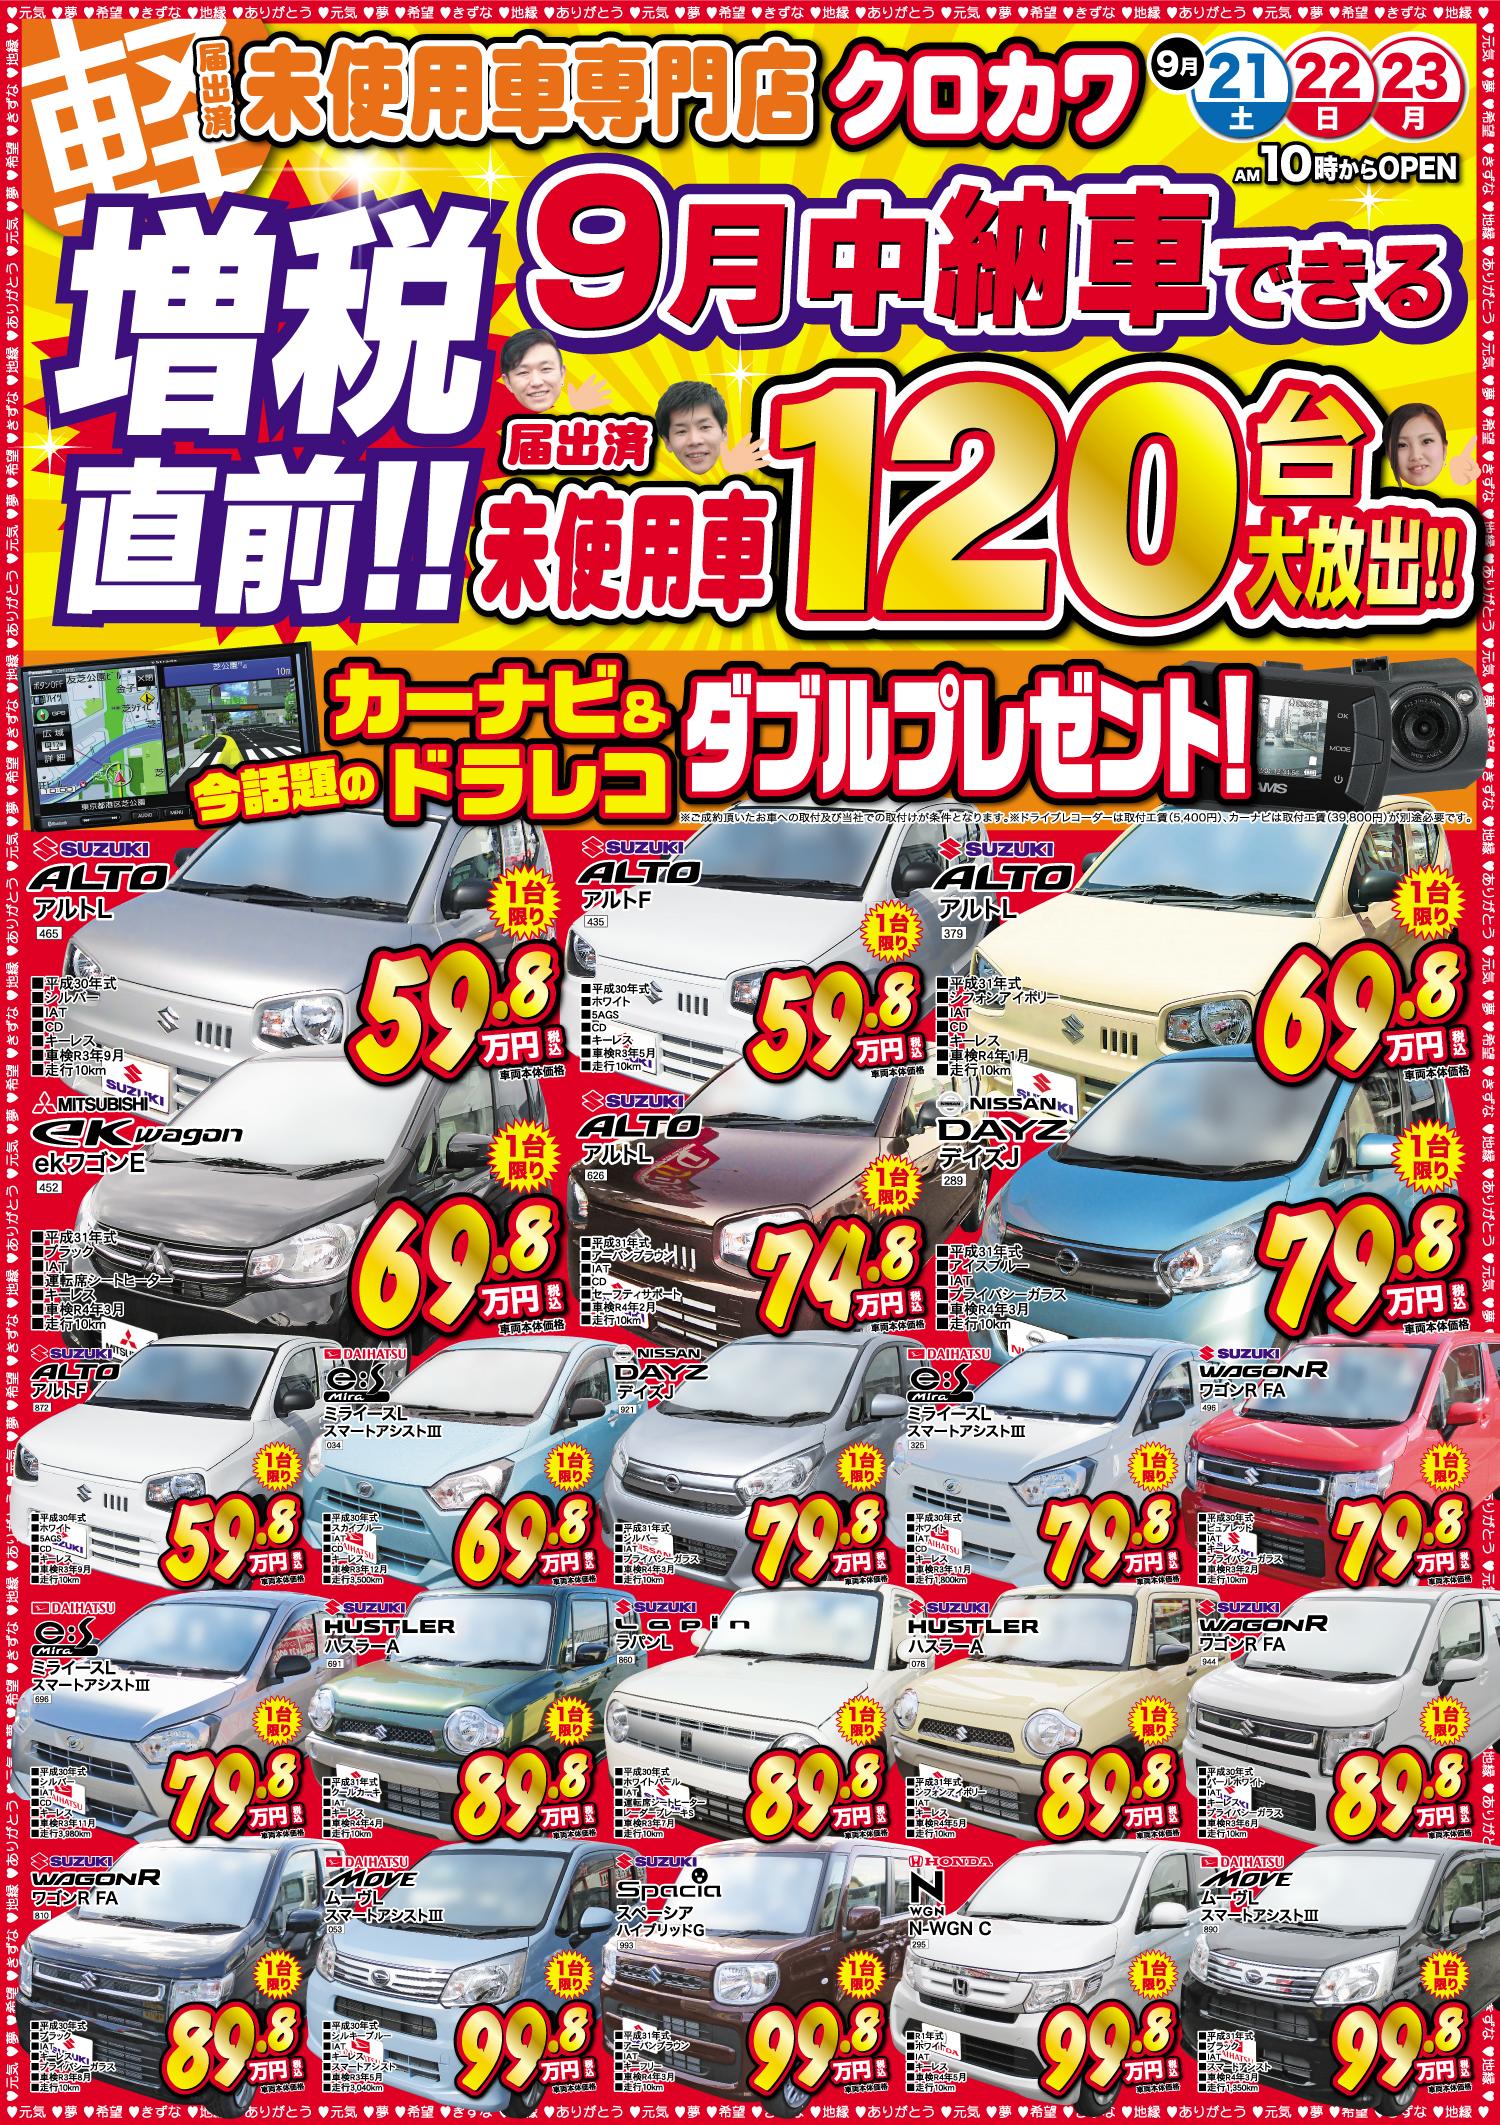 【増税直前】9月中納車できる!未使用車120台大放出!!